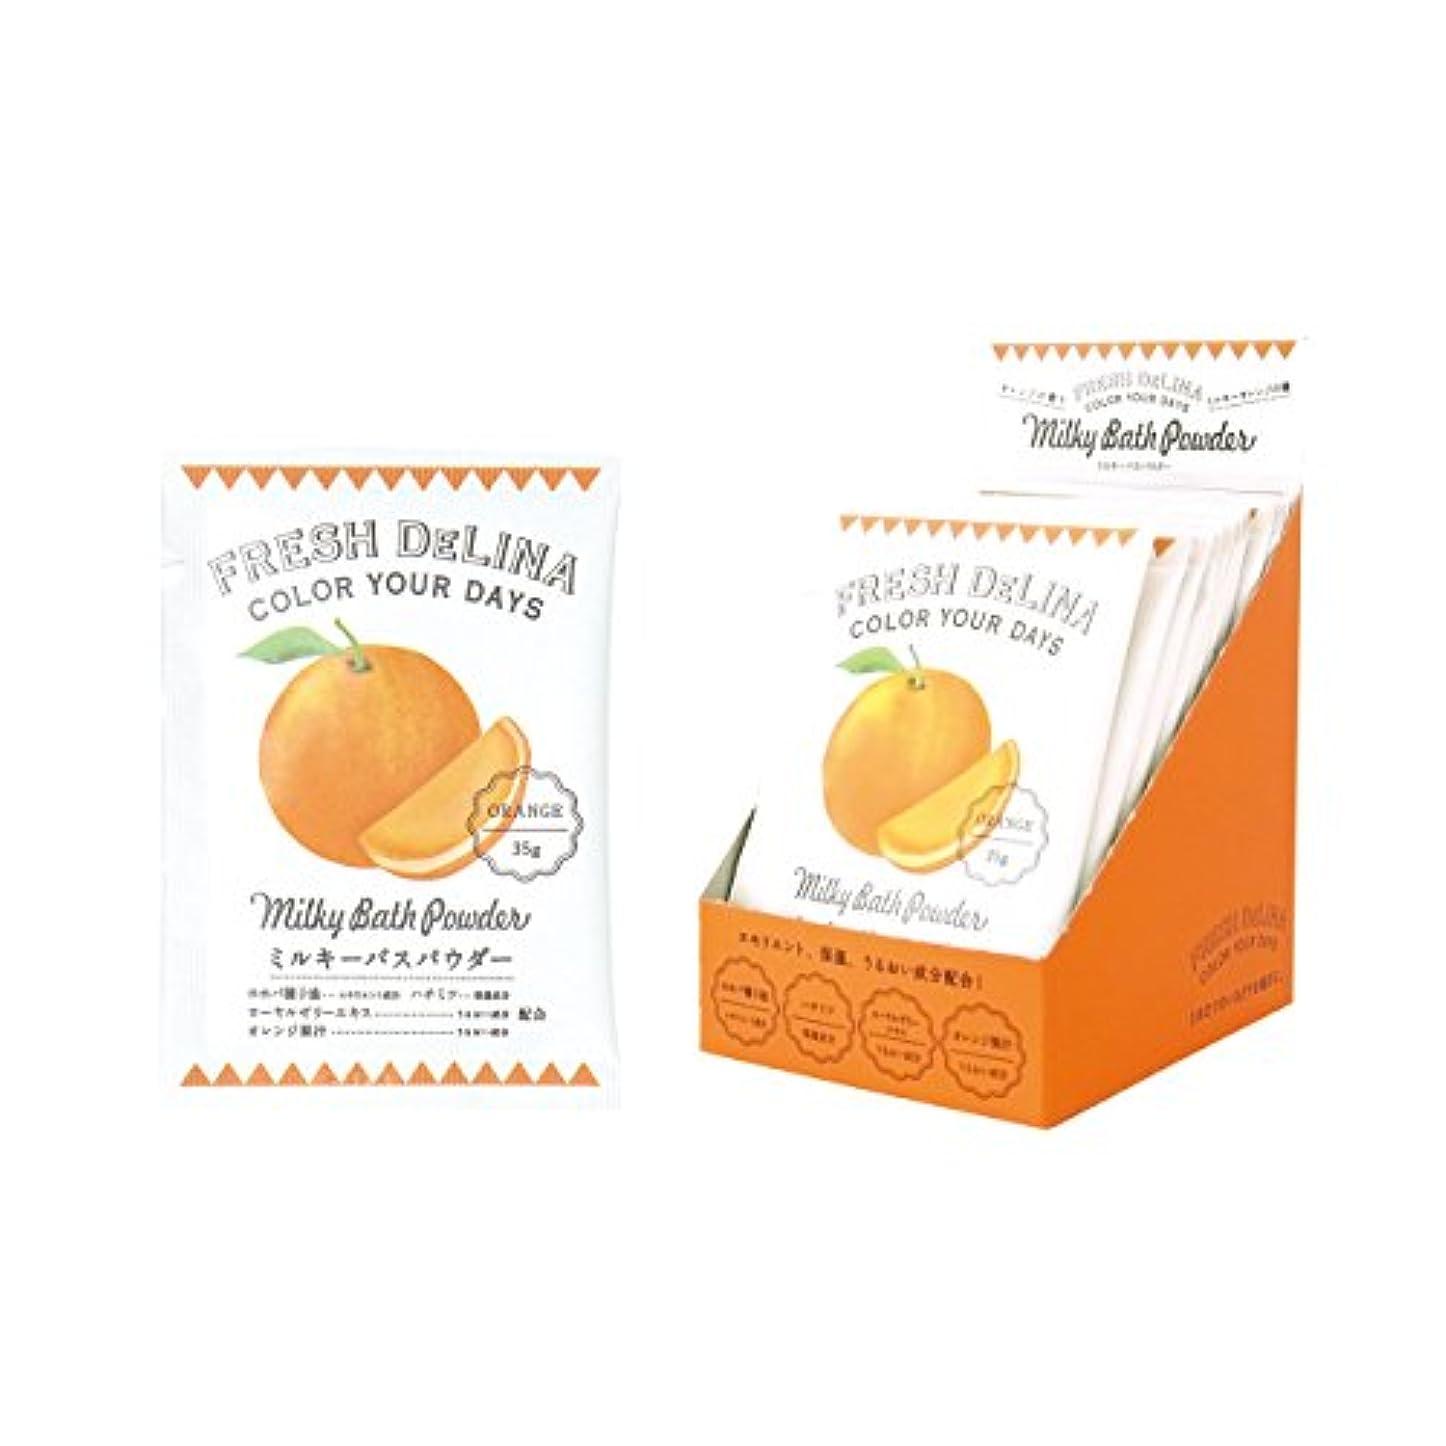 イチゴボルト所属フレッシュデリーナ ミルキーバスパウダー 35g (オレンジ) 12個 (白濁タイプ入浴料 日本製 フレッシュな柑橘系の香り)